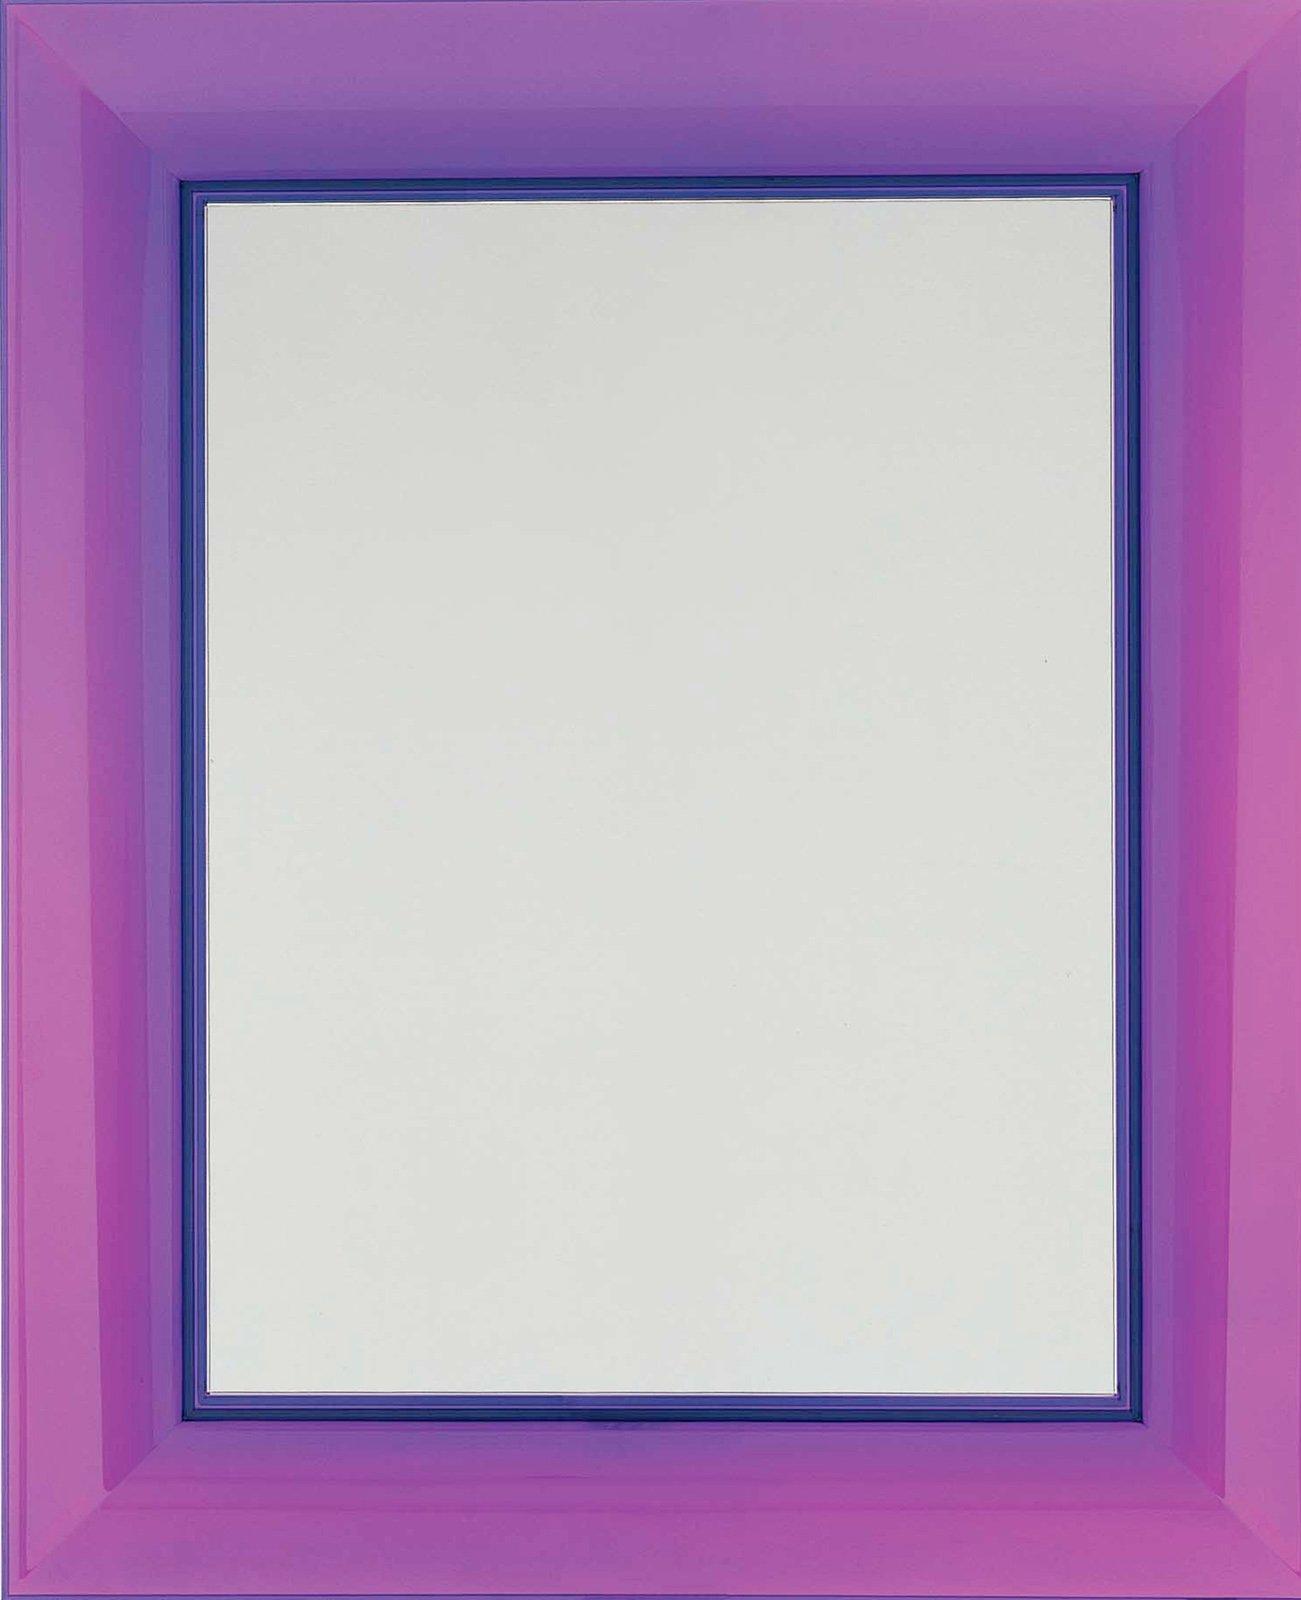 Camera uno spazio personalizzato per il guardaroba cose di casa - Kartell specchio ghost ...